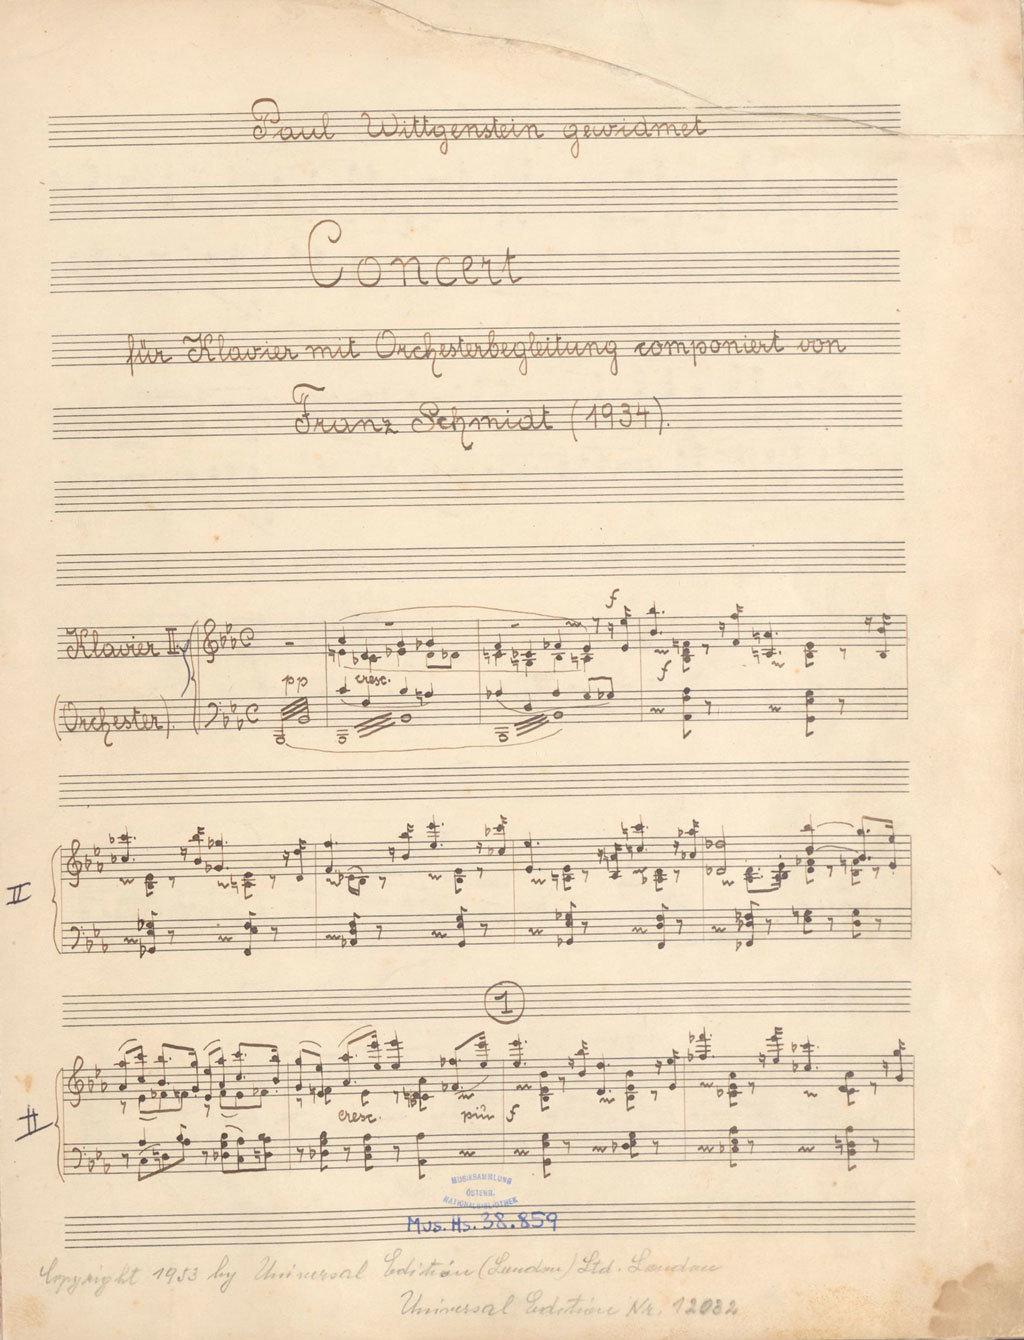 Concert für Klavier mit Orchesterbegleitung [Concert for piano with orchestral accompaniment], Franz Schmidt, Österreichische Nationalbibliothek - Austrian National Library, Public Domain Mark